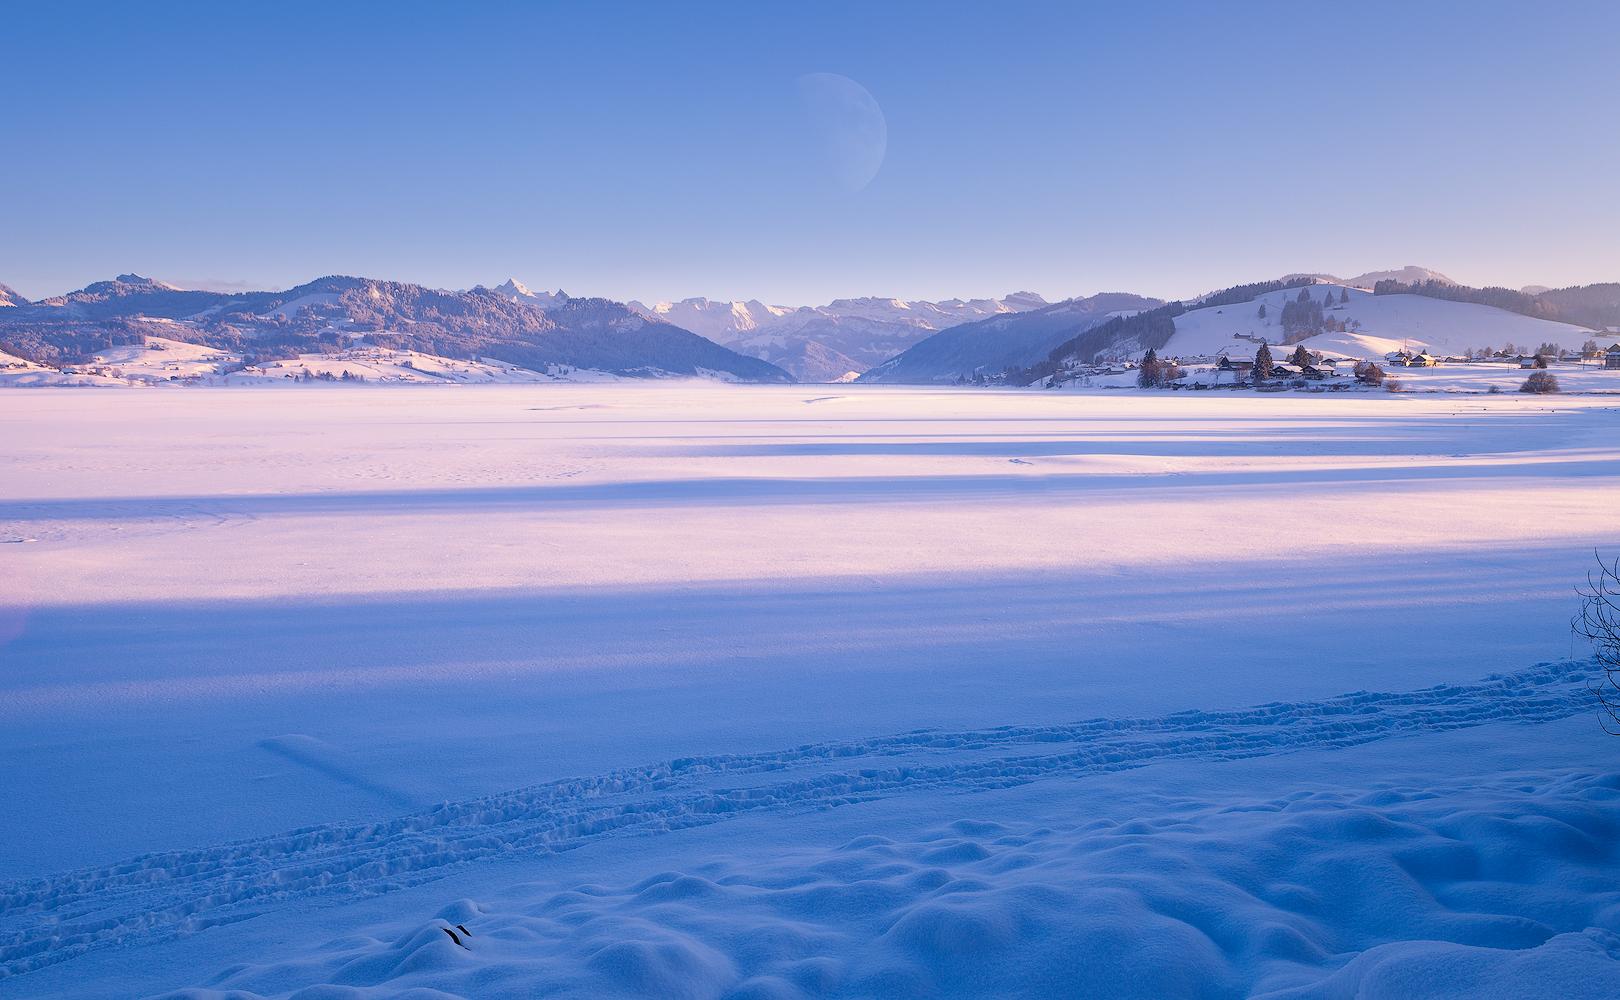 雪景EINSIEDELN1